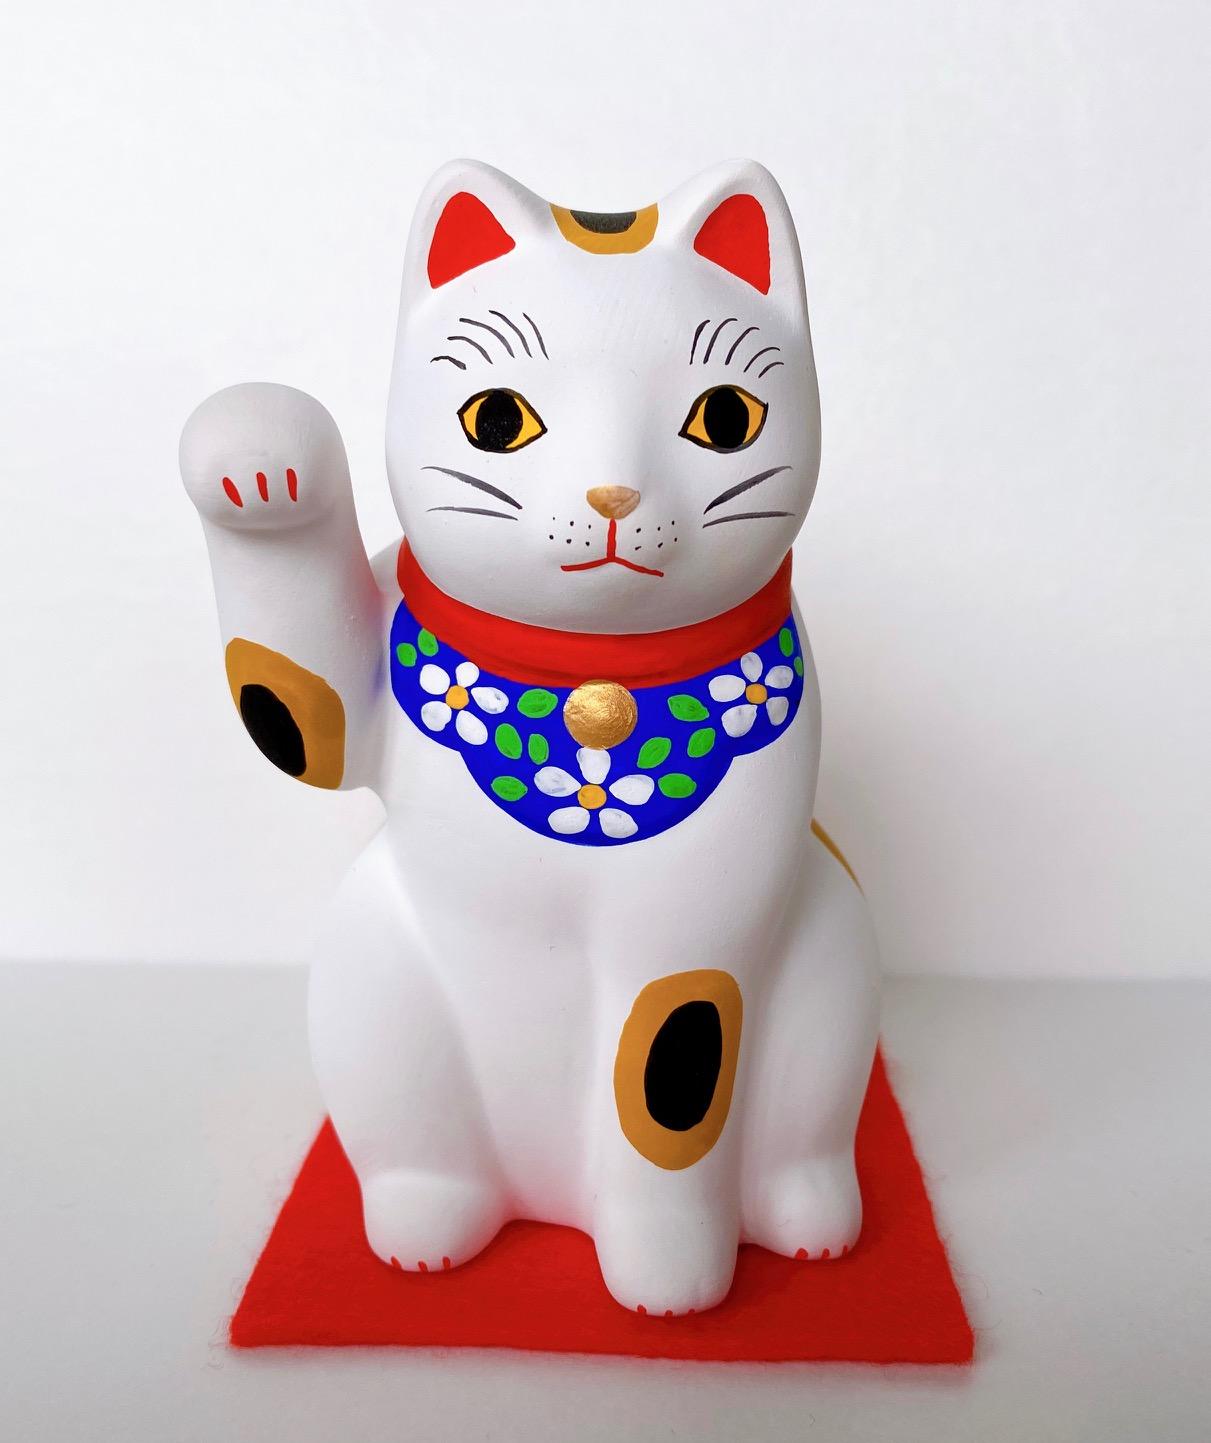 ネコで有名な谷中の招き猫 招き猫 開運 谷中猫 捧呈 谷中堂 幸せを願う贈物 開店祝い 最安値 ネコ